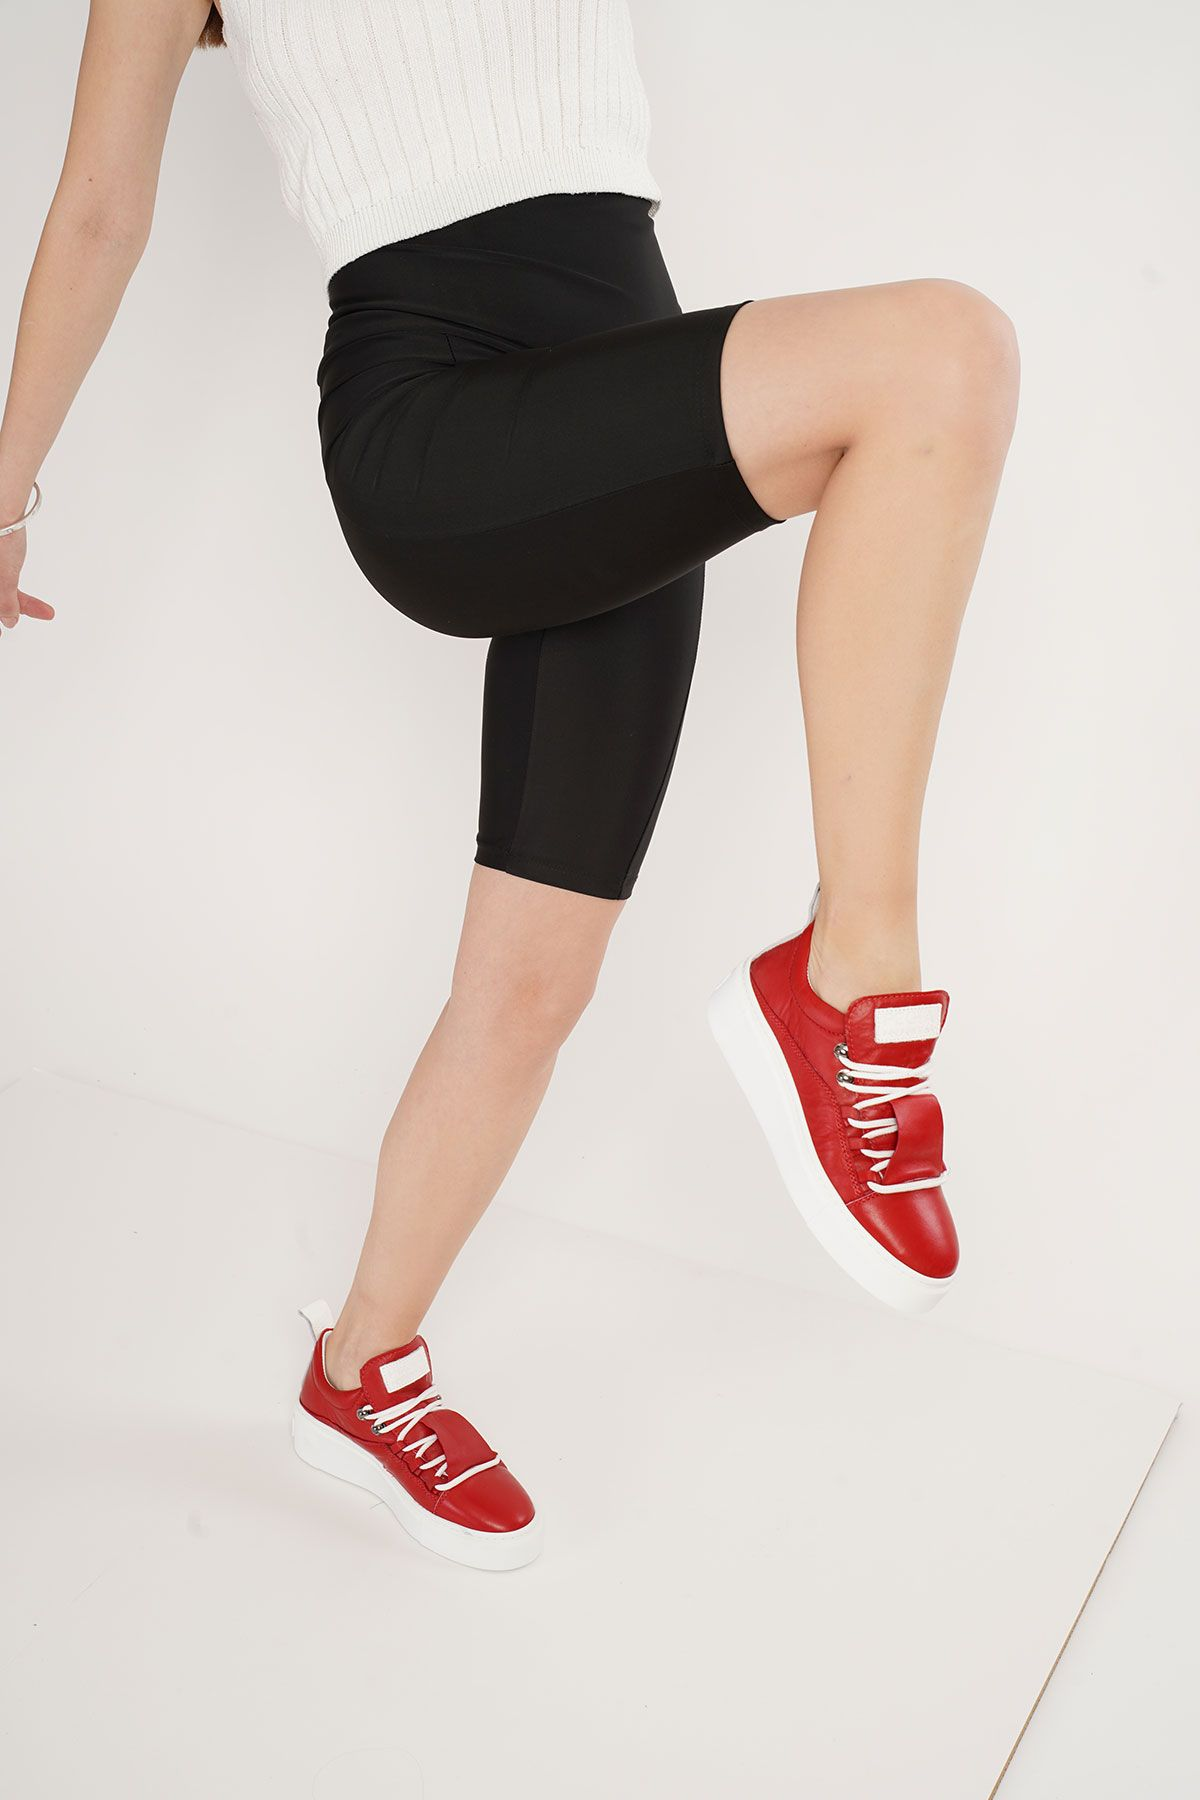 Pegia Genuine Leather Women's Sneaker LA1708 Red